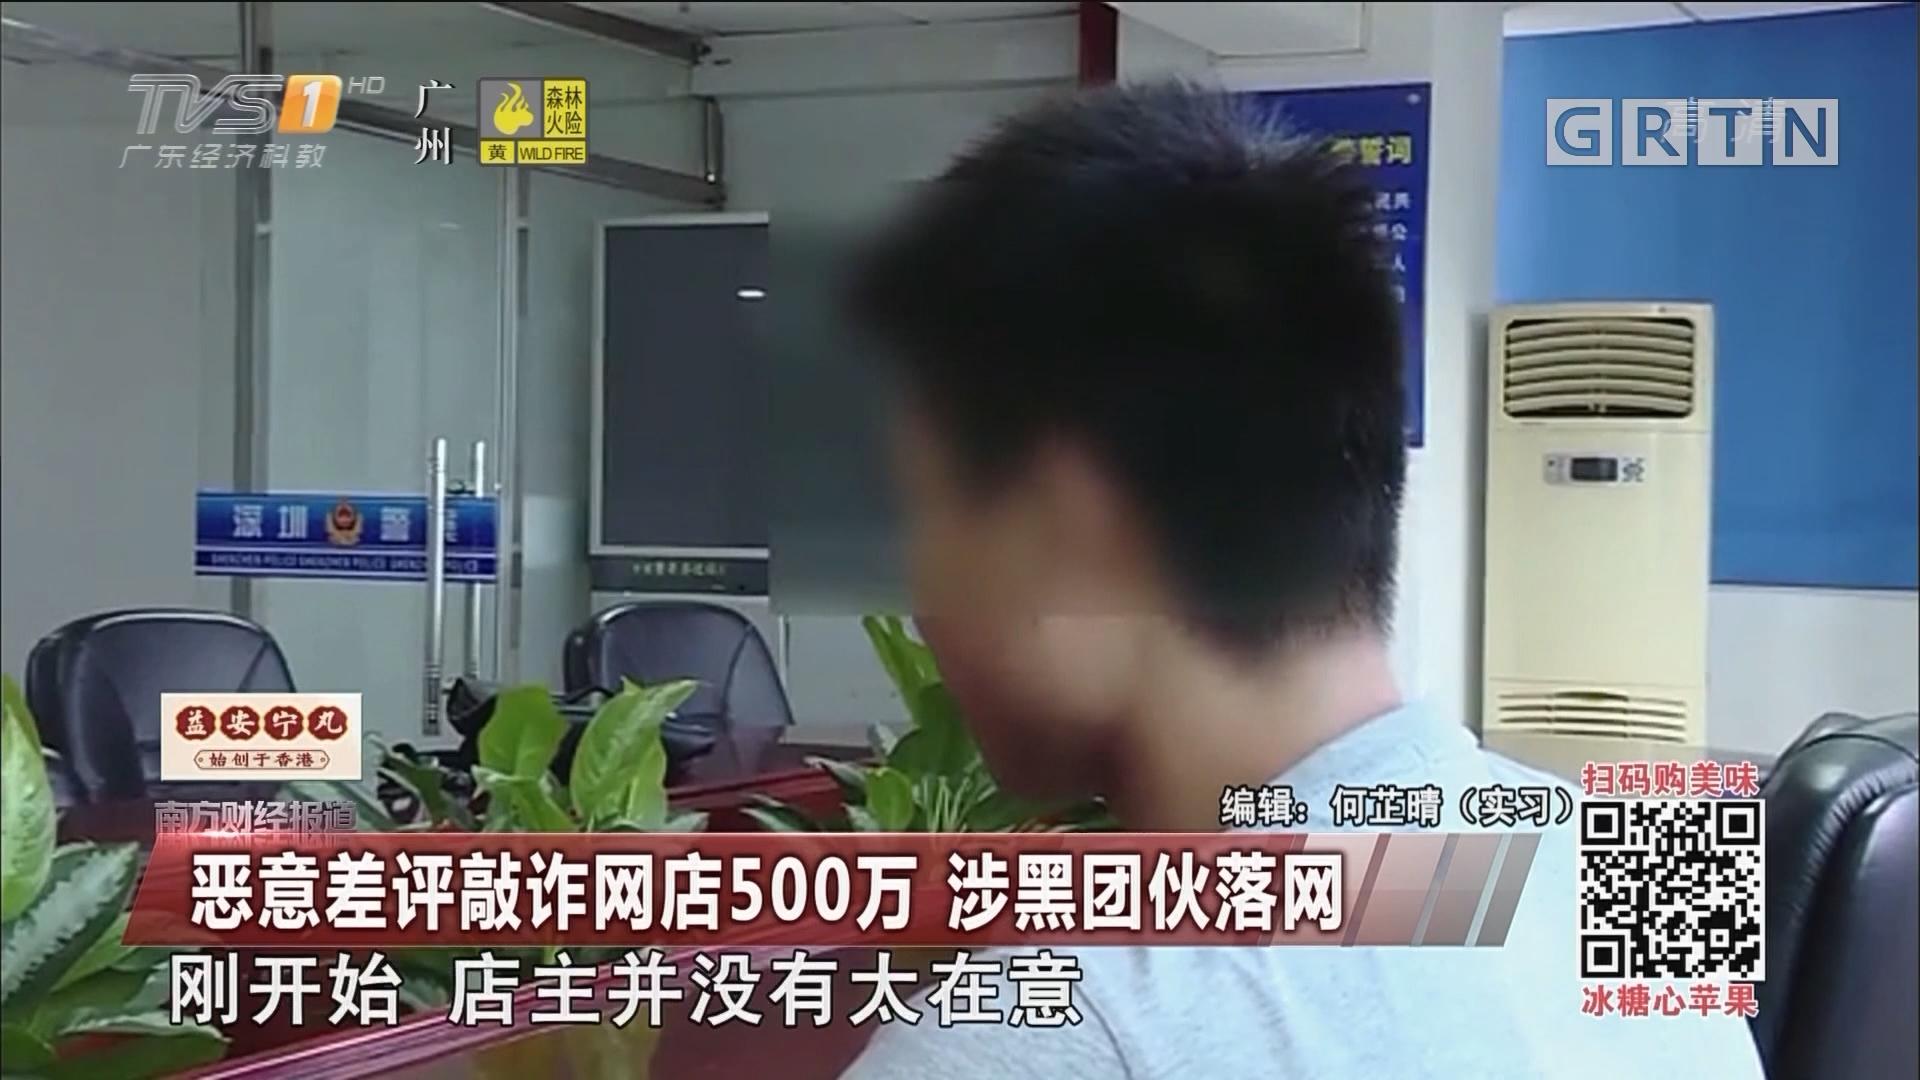 恶意差评敲诈网店500万 涉黑团伙落网